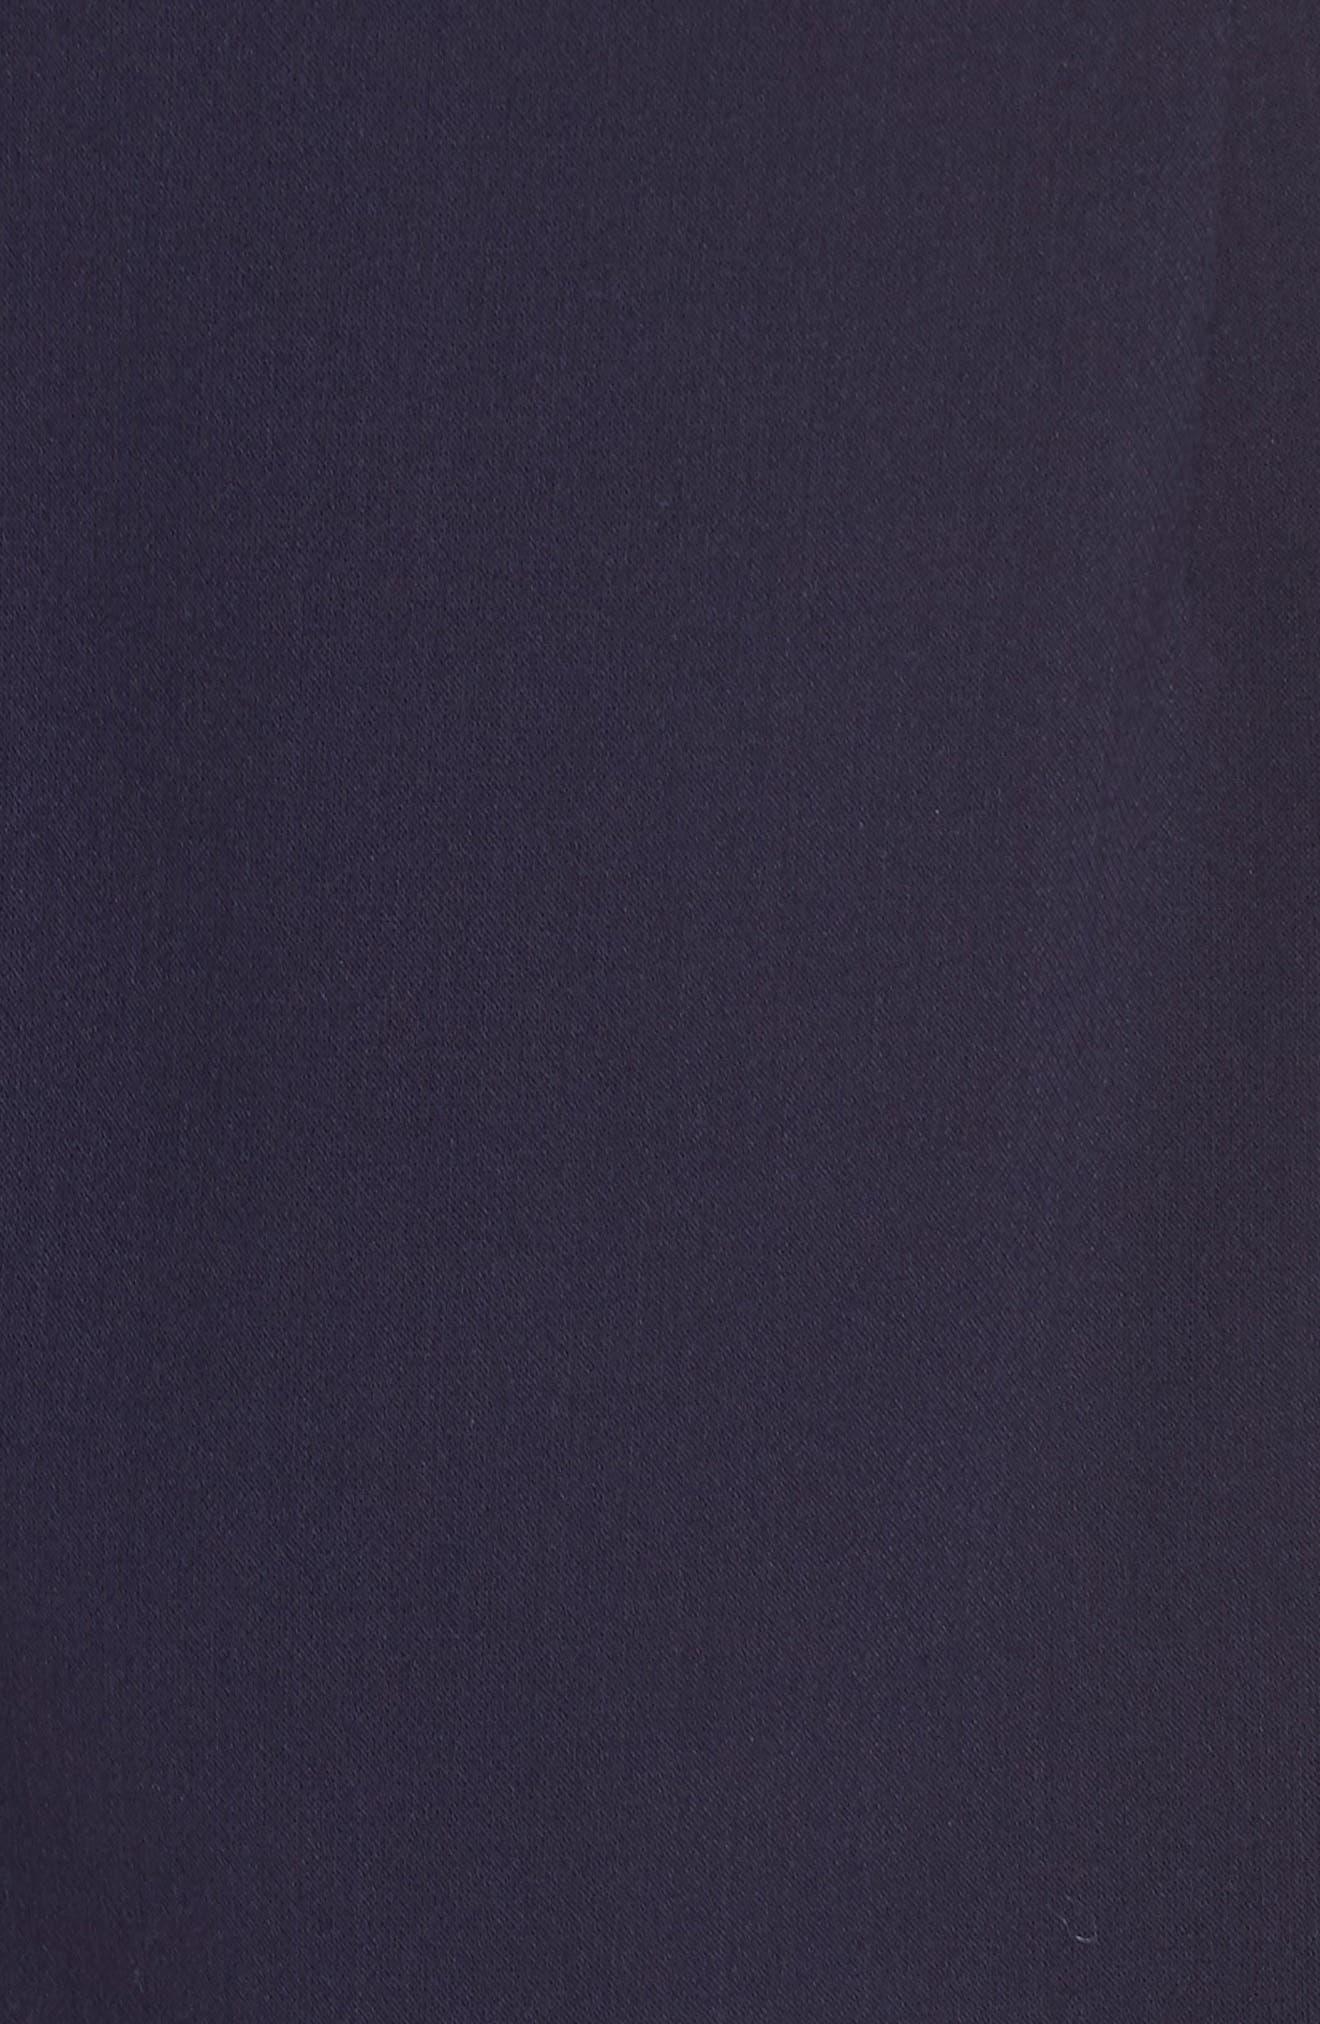 Whisper Light Sheath Dress,                             Alternate thumbnail 4, color,                             Duchess Blue